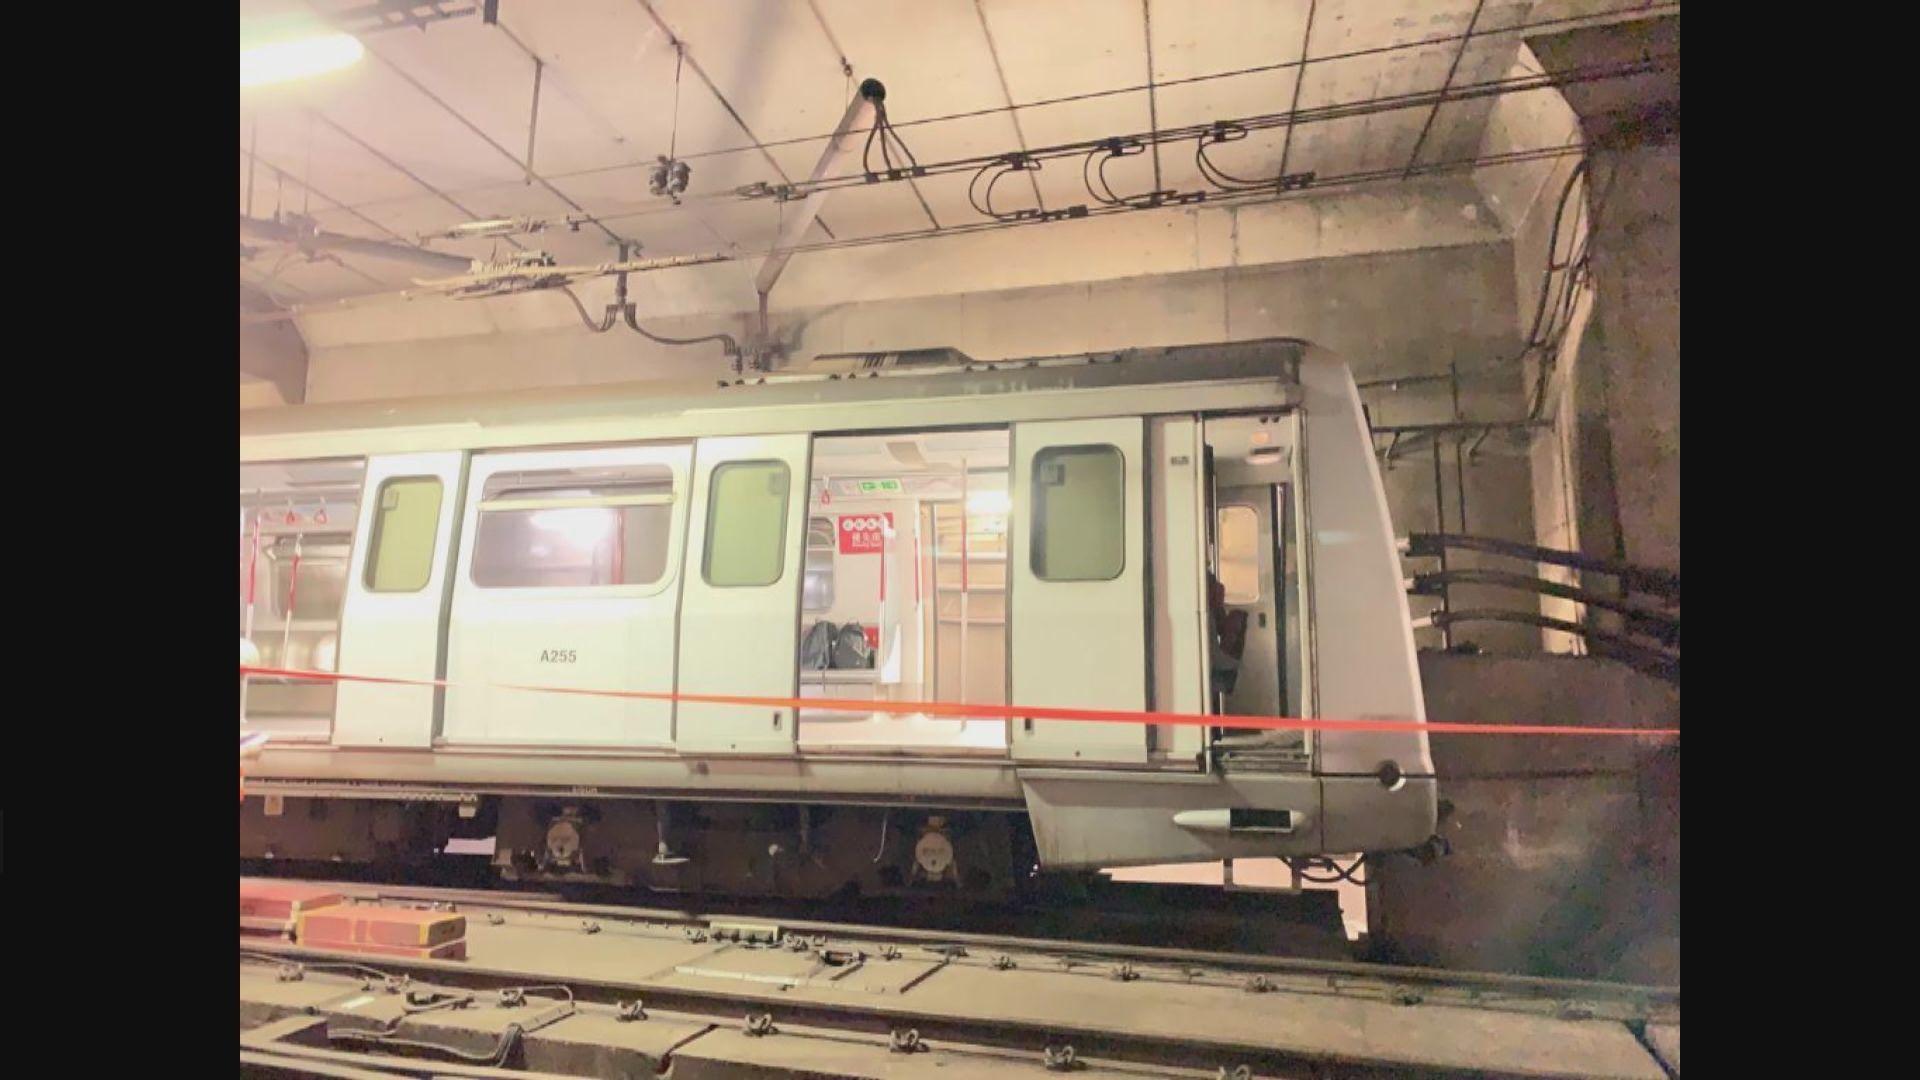 港鐵列車撞車擋 涉事車長暫時調離駕駛職務